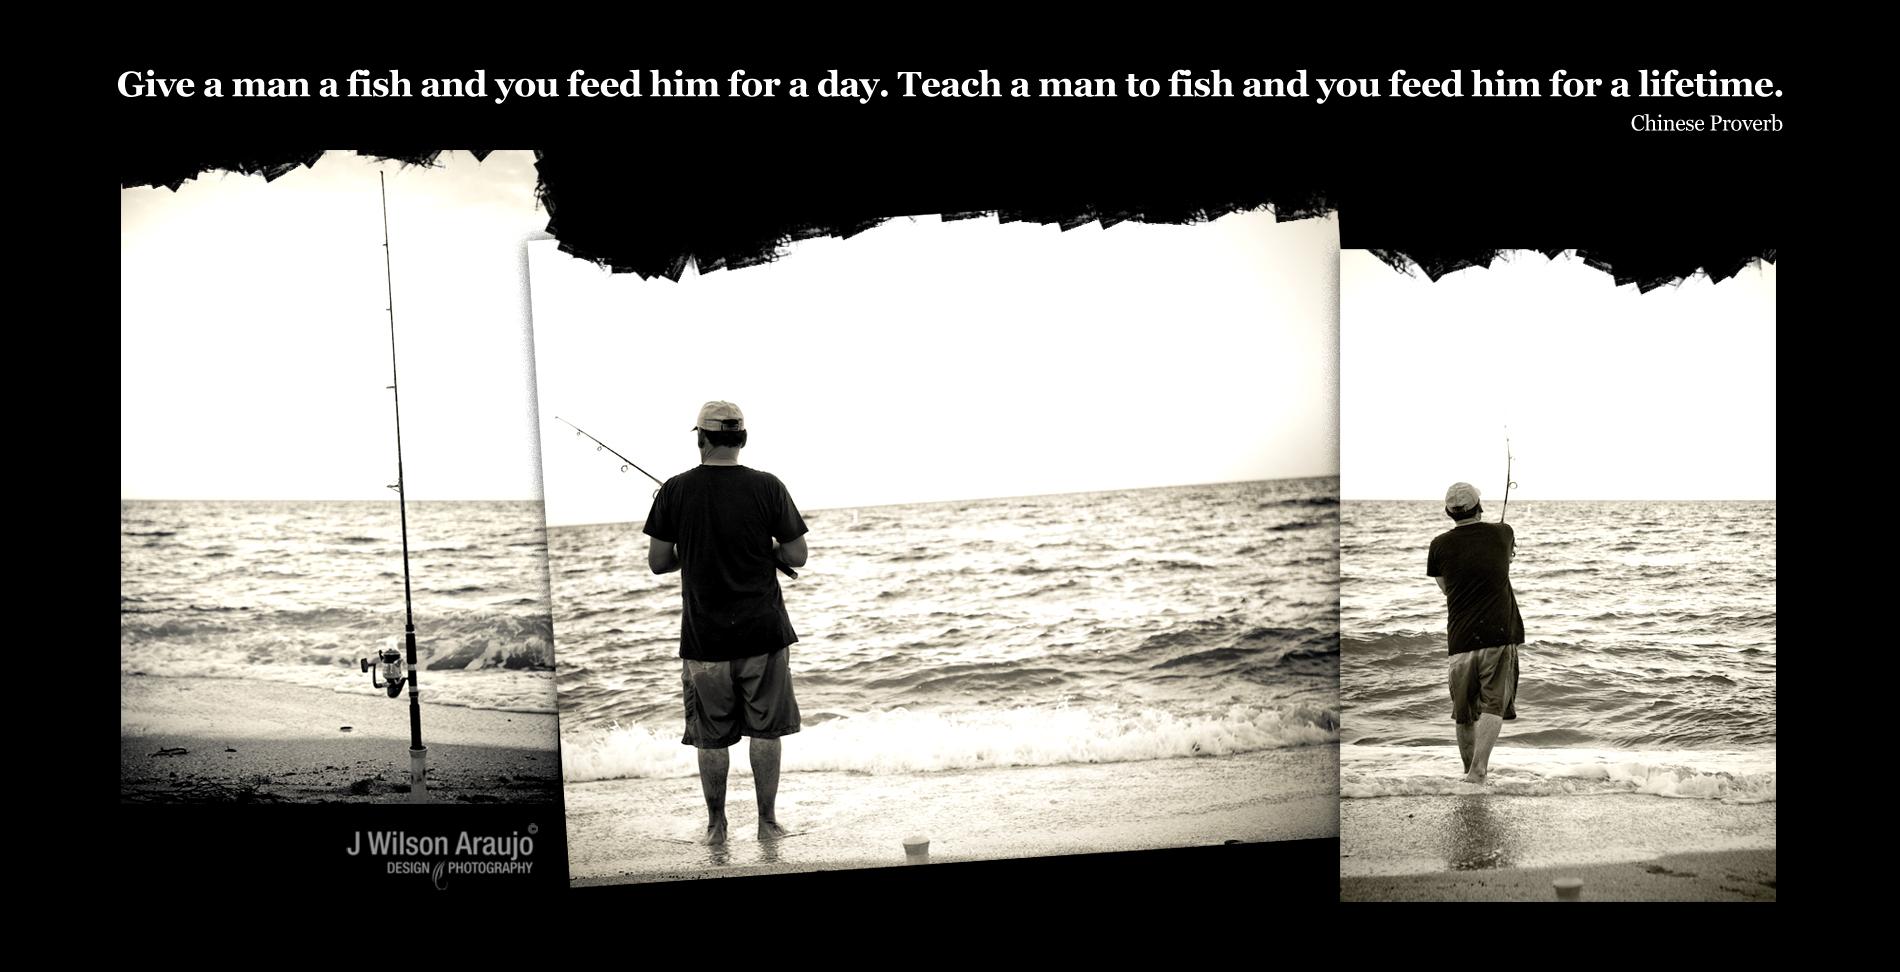 I'm a fisherman